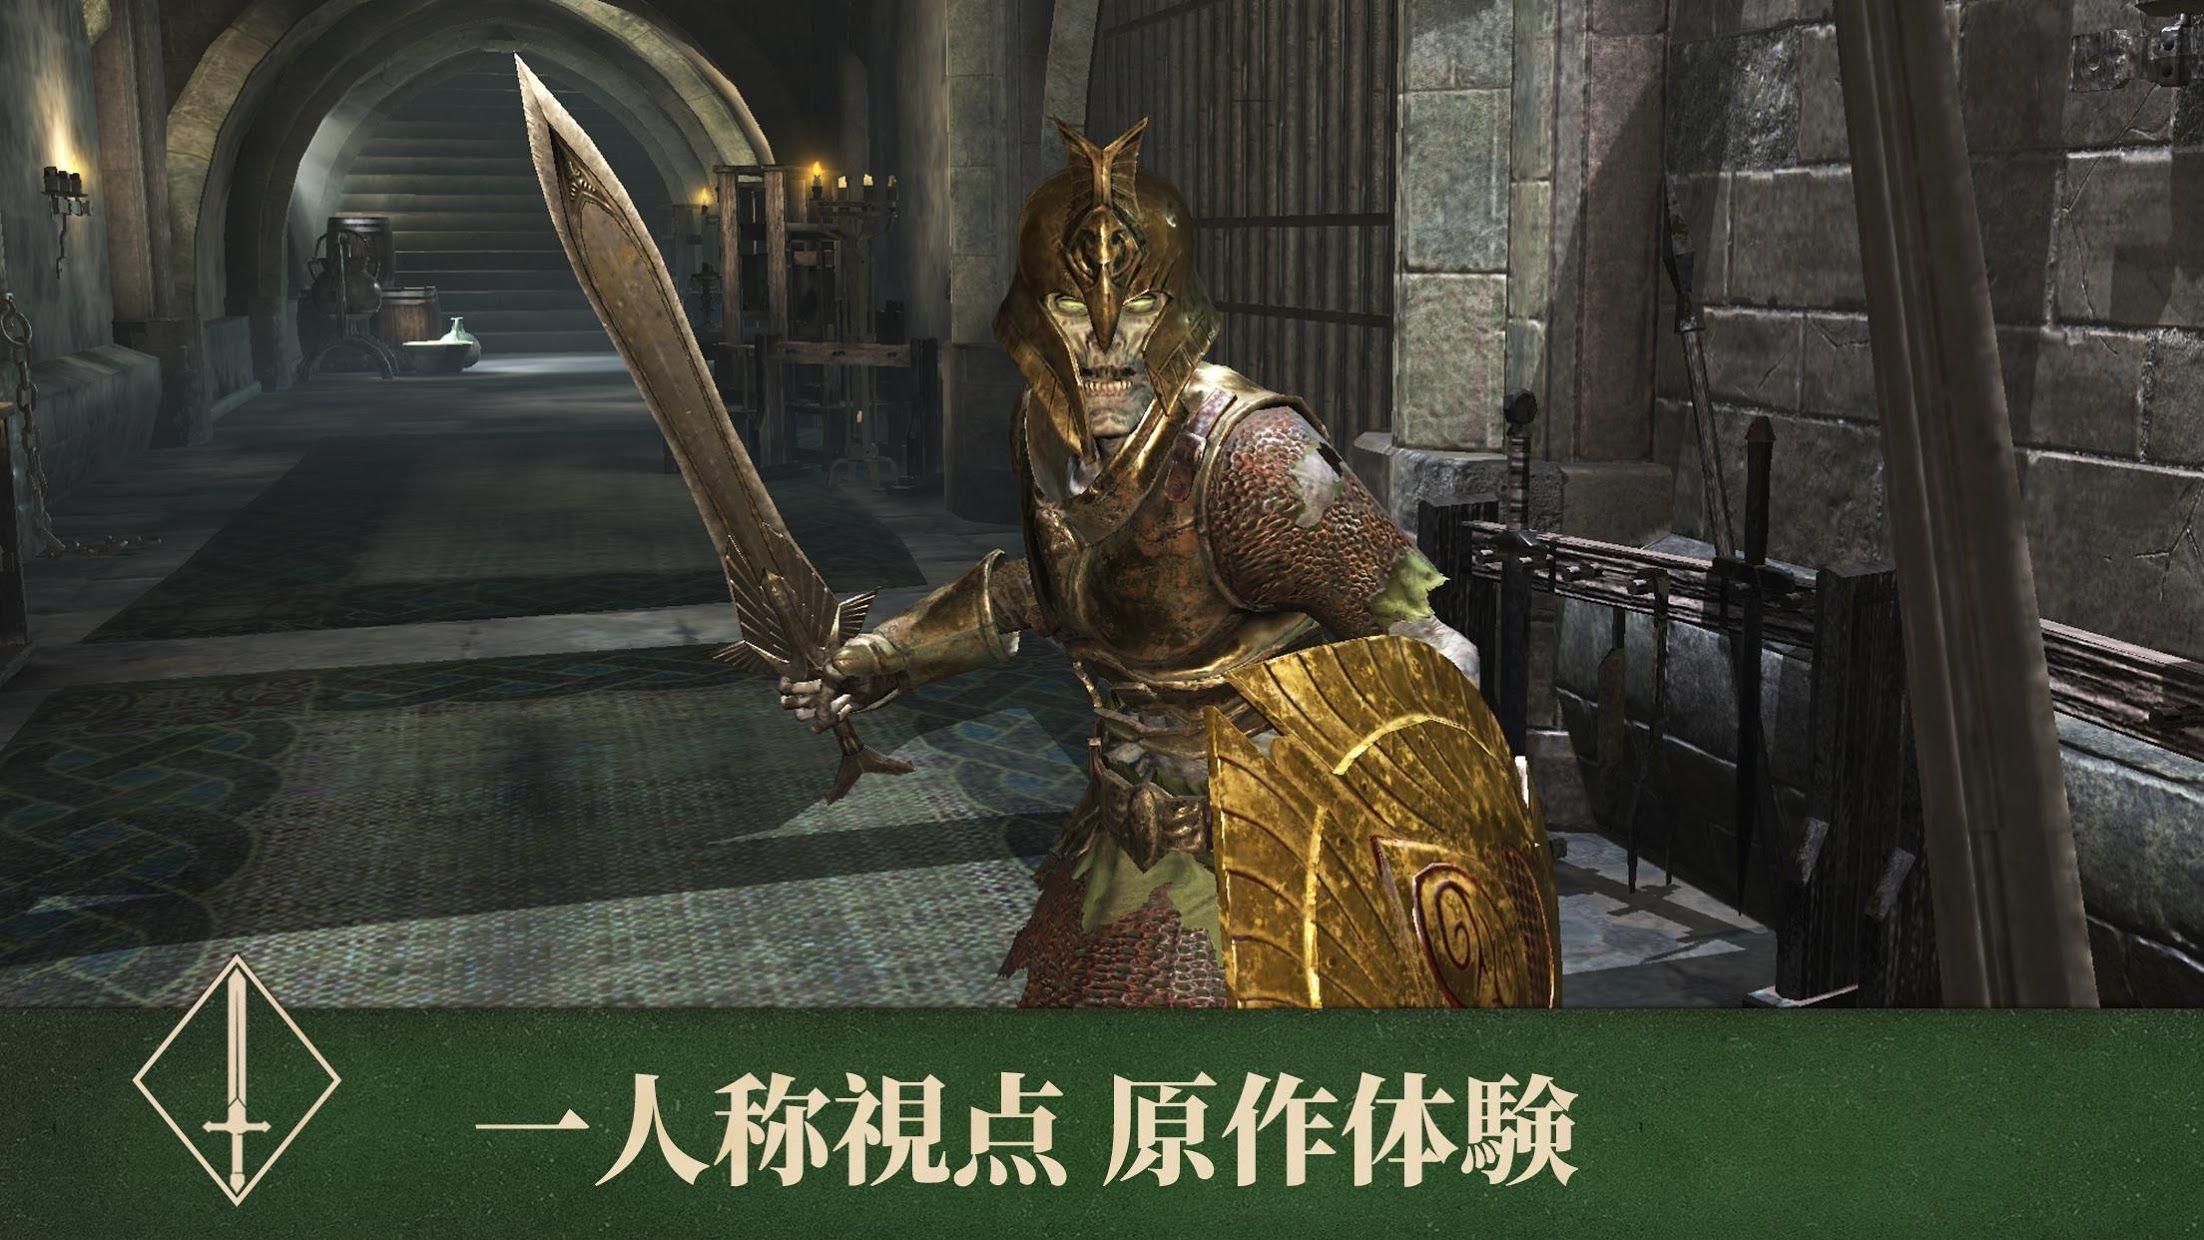 上古卷轴:刀锋战士(日服) 游戏截图5